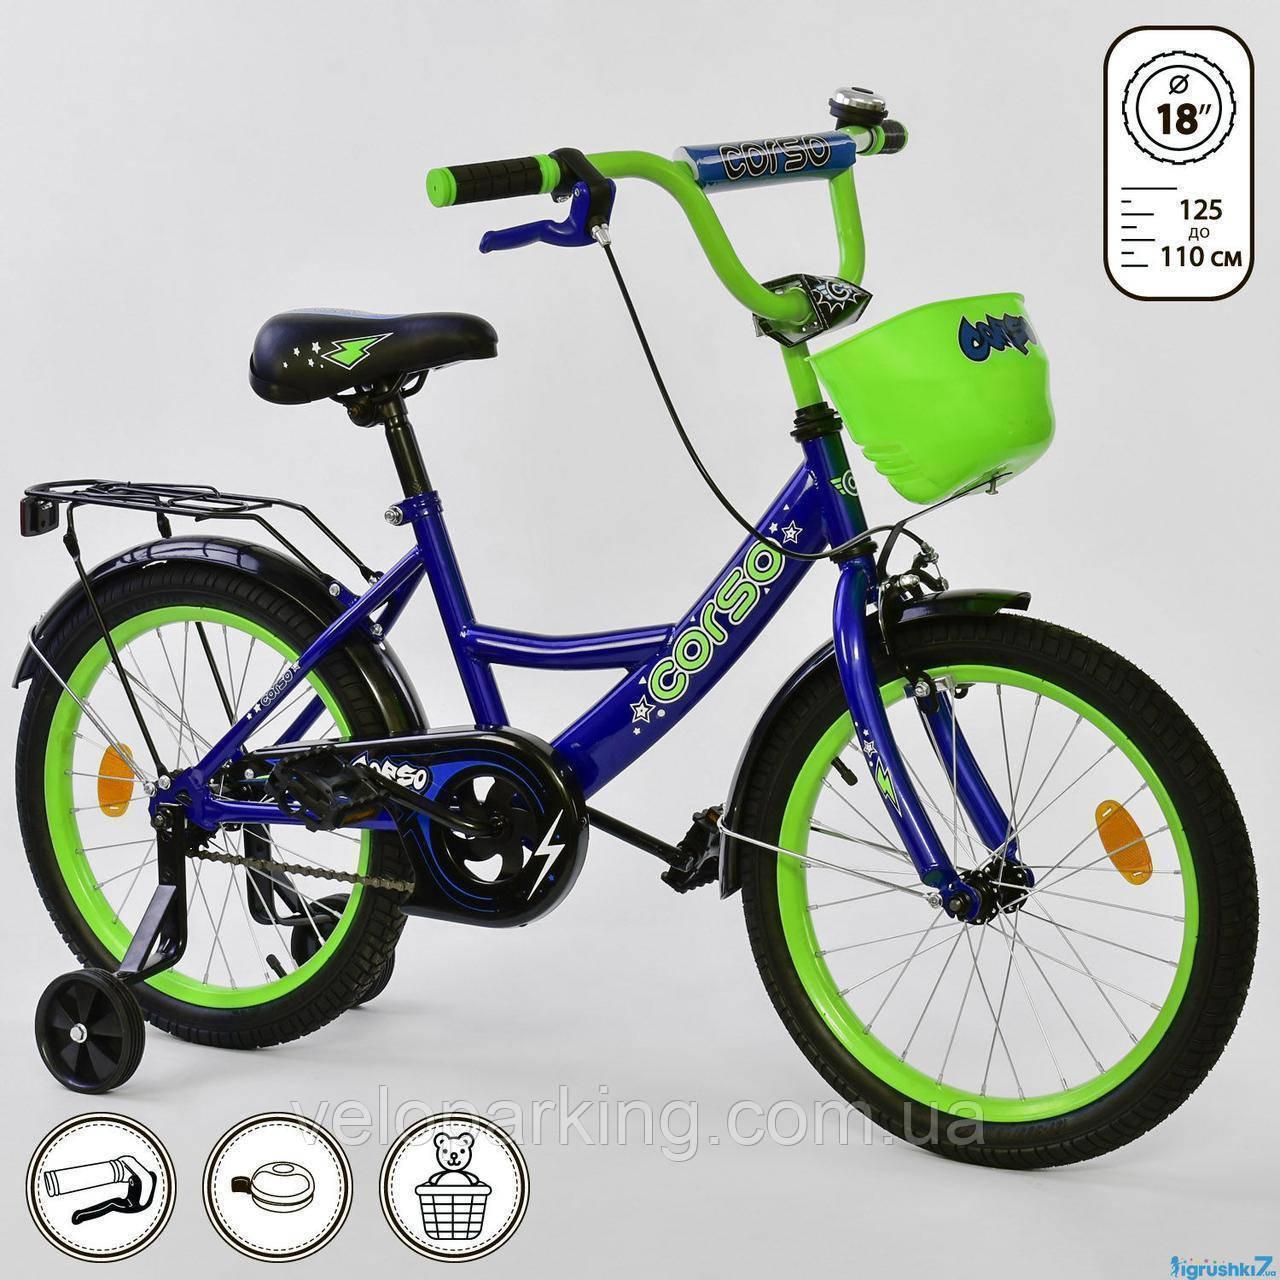 Детский велосипед Corso 18 дюймов (2019) new